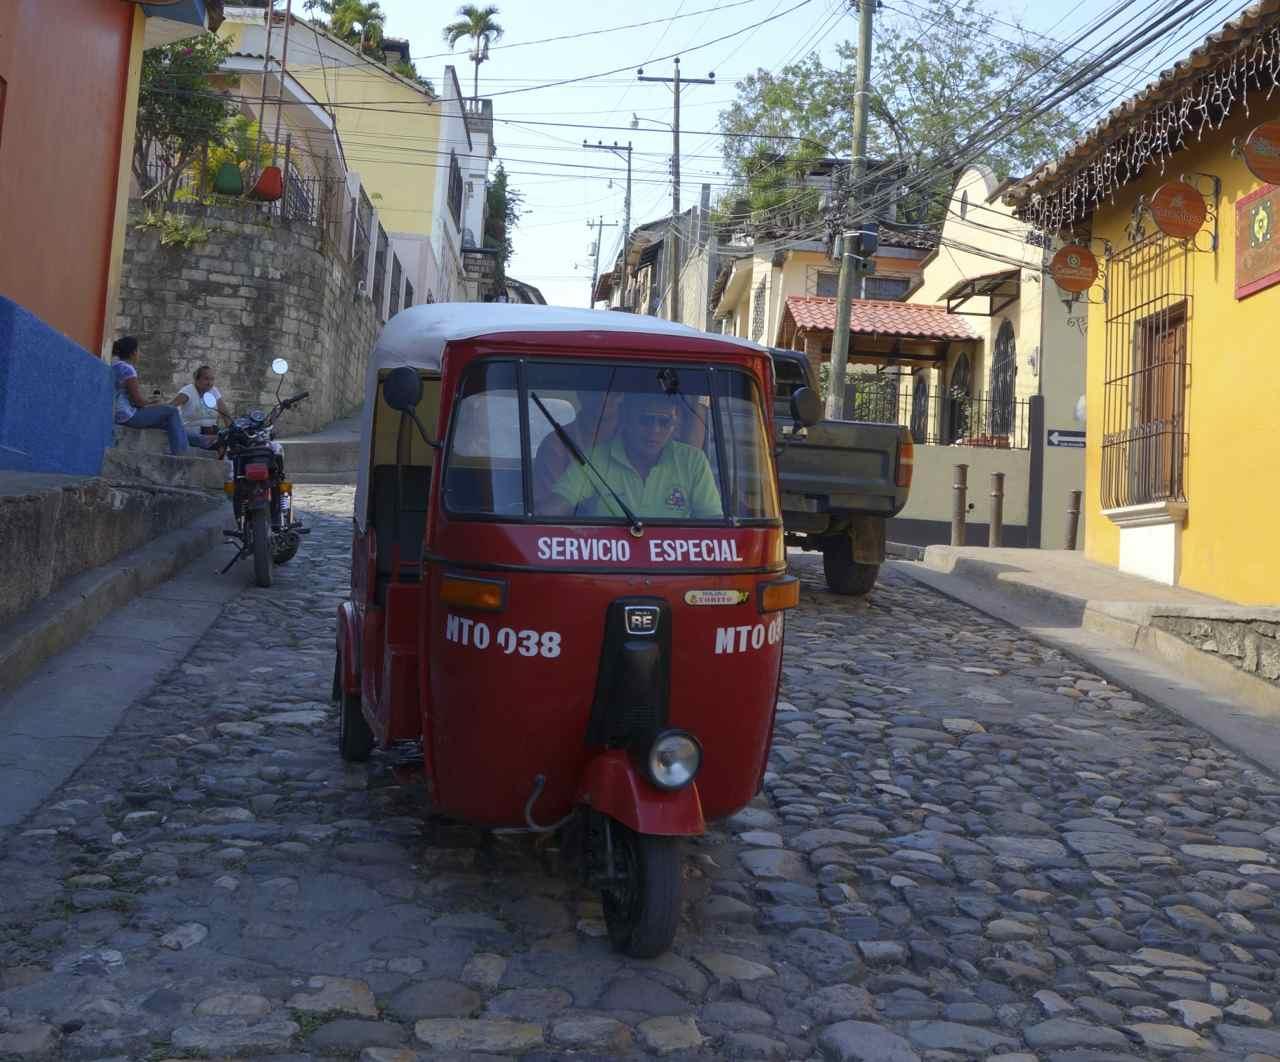 Zentralamerika, Belize, In den Straßen von Copán Ruinas